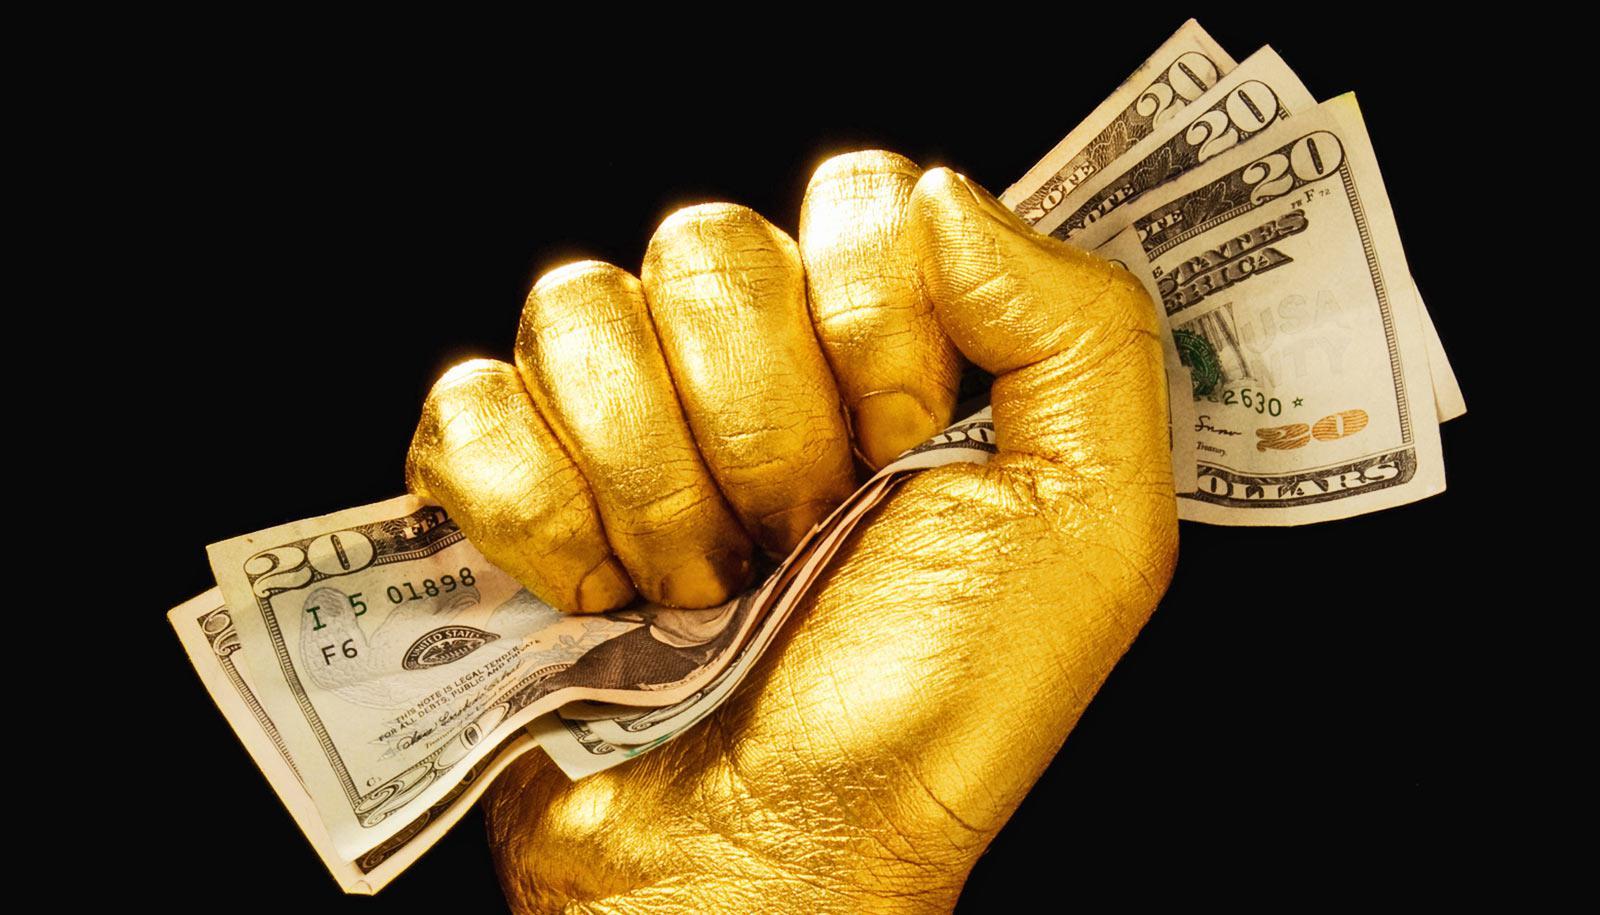 gold hand clutches $20 bills